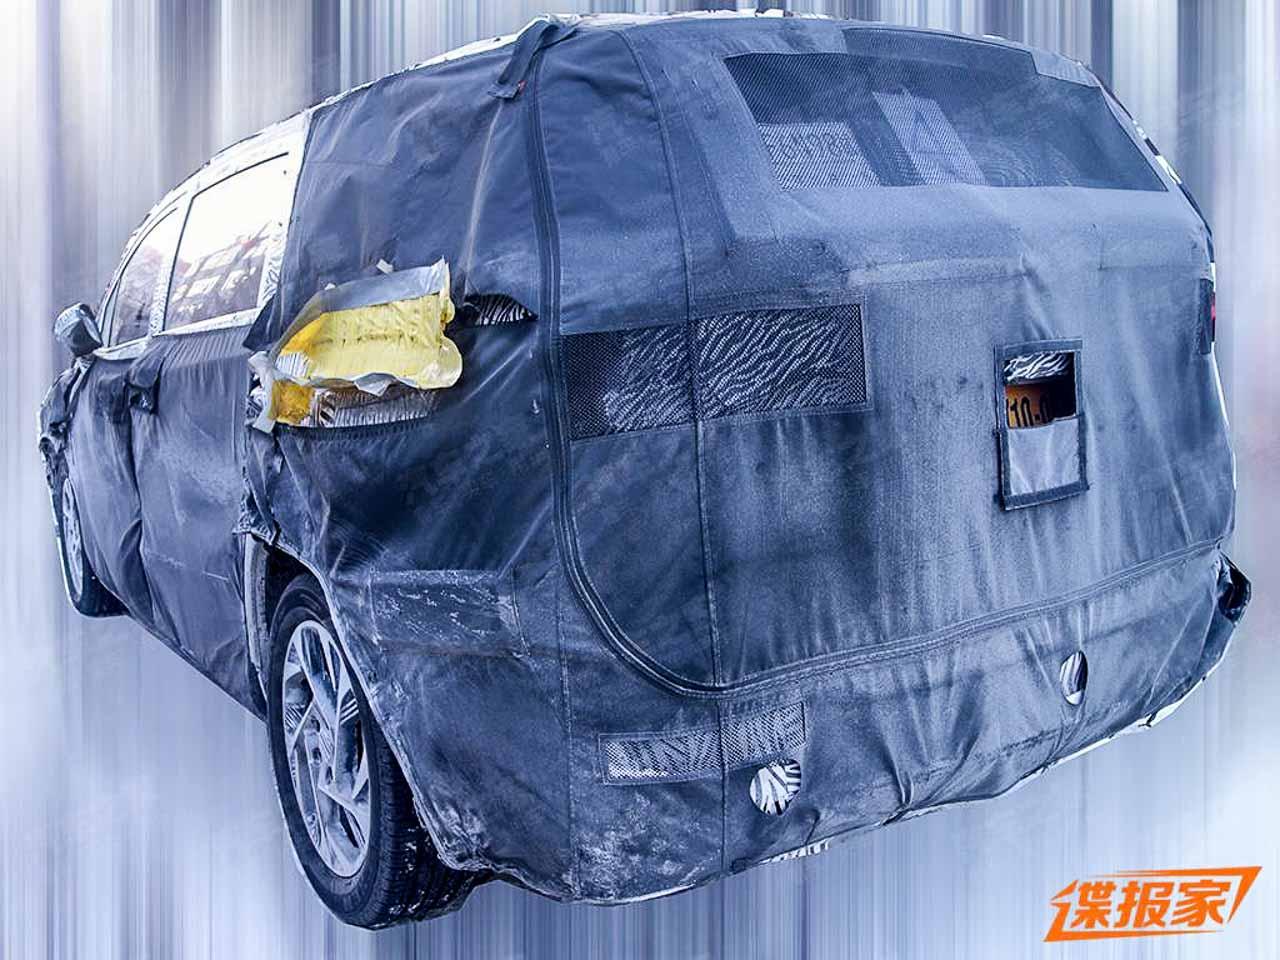 Hyundai MPV